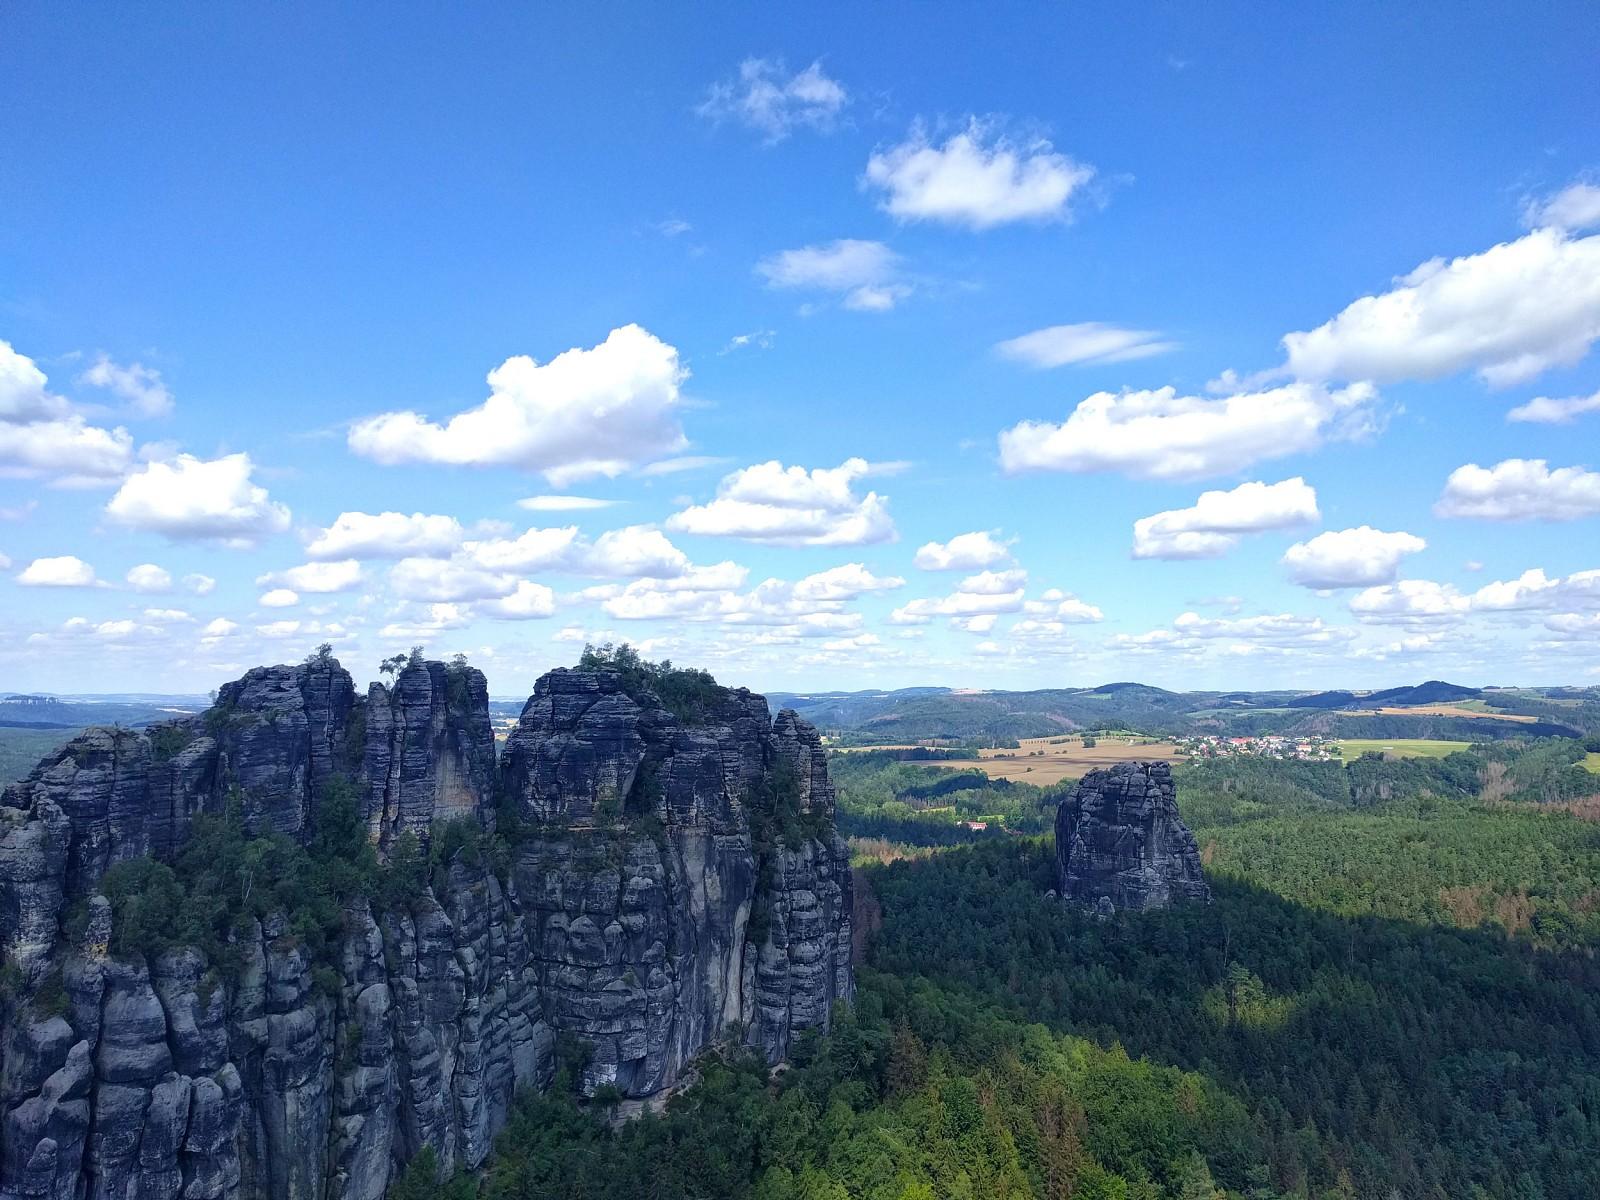 pEin-weiteres-Highlight-sind-die-Schrammsteine-auf-Etappe-4-Unser-Chefredakteur-Thorsten-Hoyer-empfahl-uns-den-Aufstieg-uumlber-den-Wildschuumltzensteig-und-wir-koumlnnen-nur-bestaumltigen-dass-das-Klettern-uumlber-Leitern-und-durch-schmale-Felsengaumlnge-unglaublich-viel-Spaszlig-gemacht-hat-Oben-erwartet-uns-diese-herrliche-AussichtppHinweis-Der-Wildschuumltzensteig-ist-auch-gut-mit-einem-50l-Rucksack-zu-erklimmenp